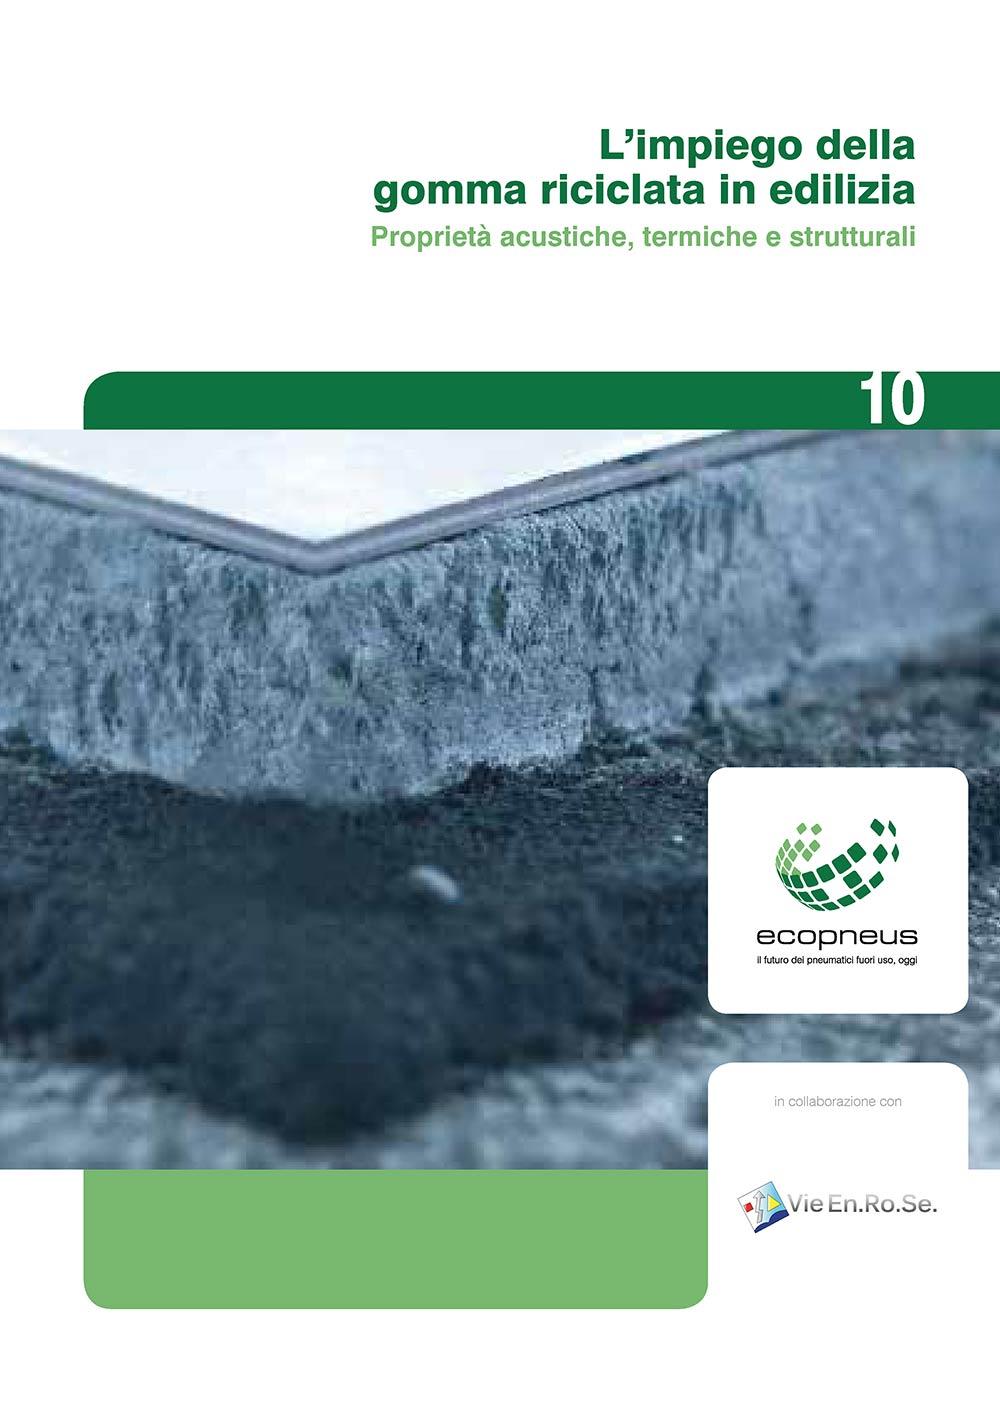 L'impiego della gomma riciclata in edilizia Vol. 1 - Proprietà acustiche, termiche e strutturali